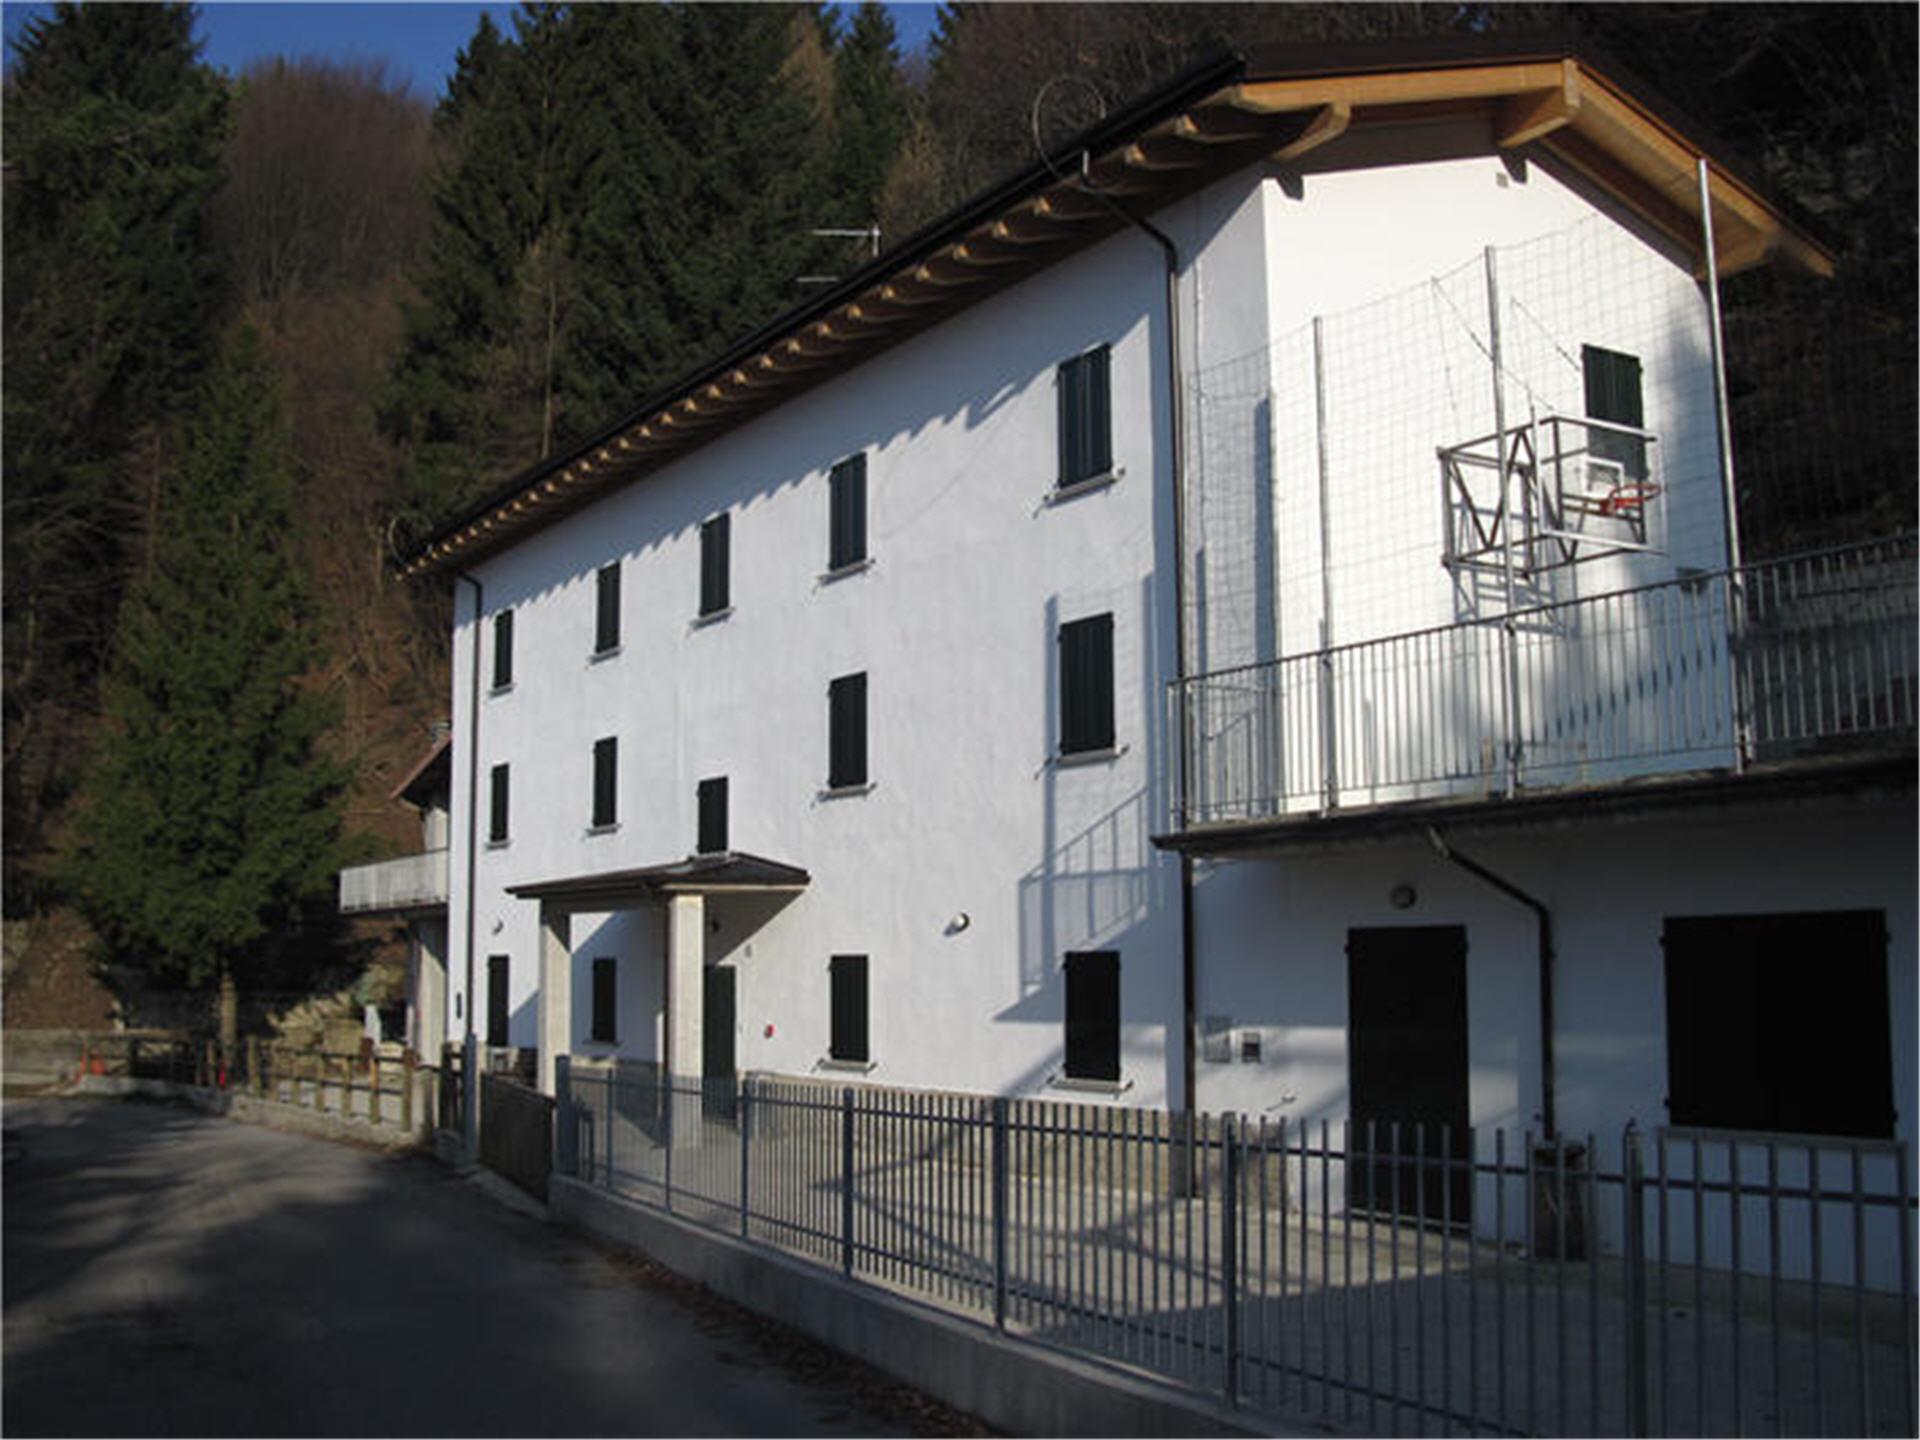 Casa in Autogestione a Passo Cavallino (BS) rif 519-3